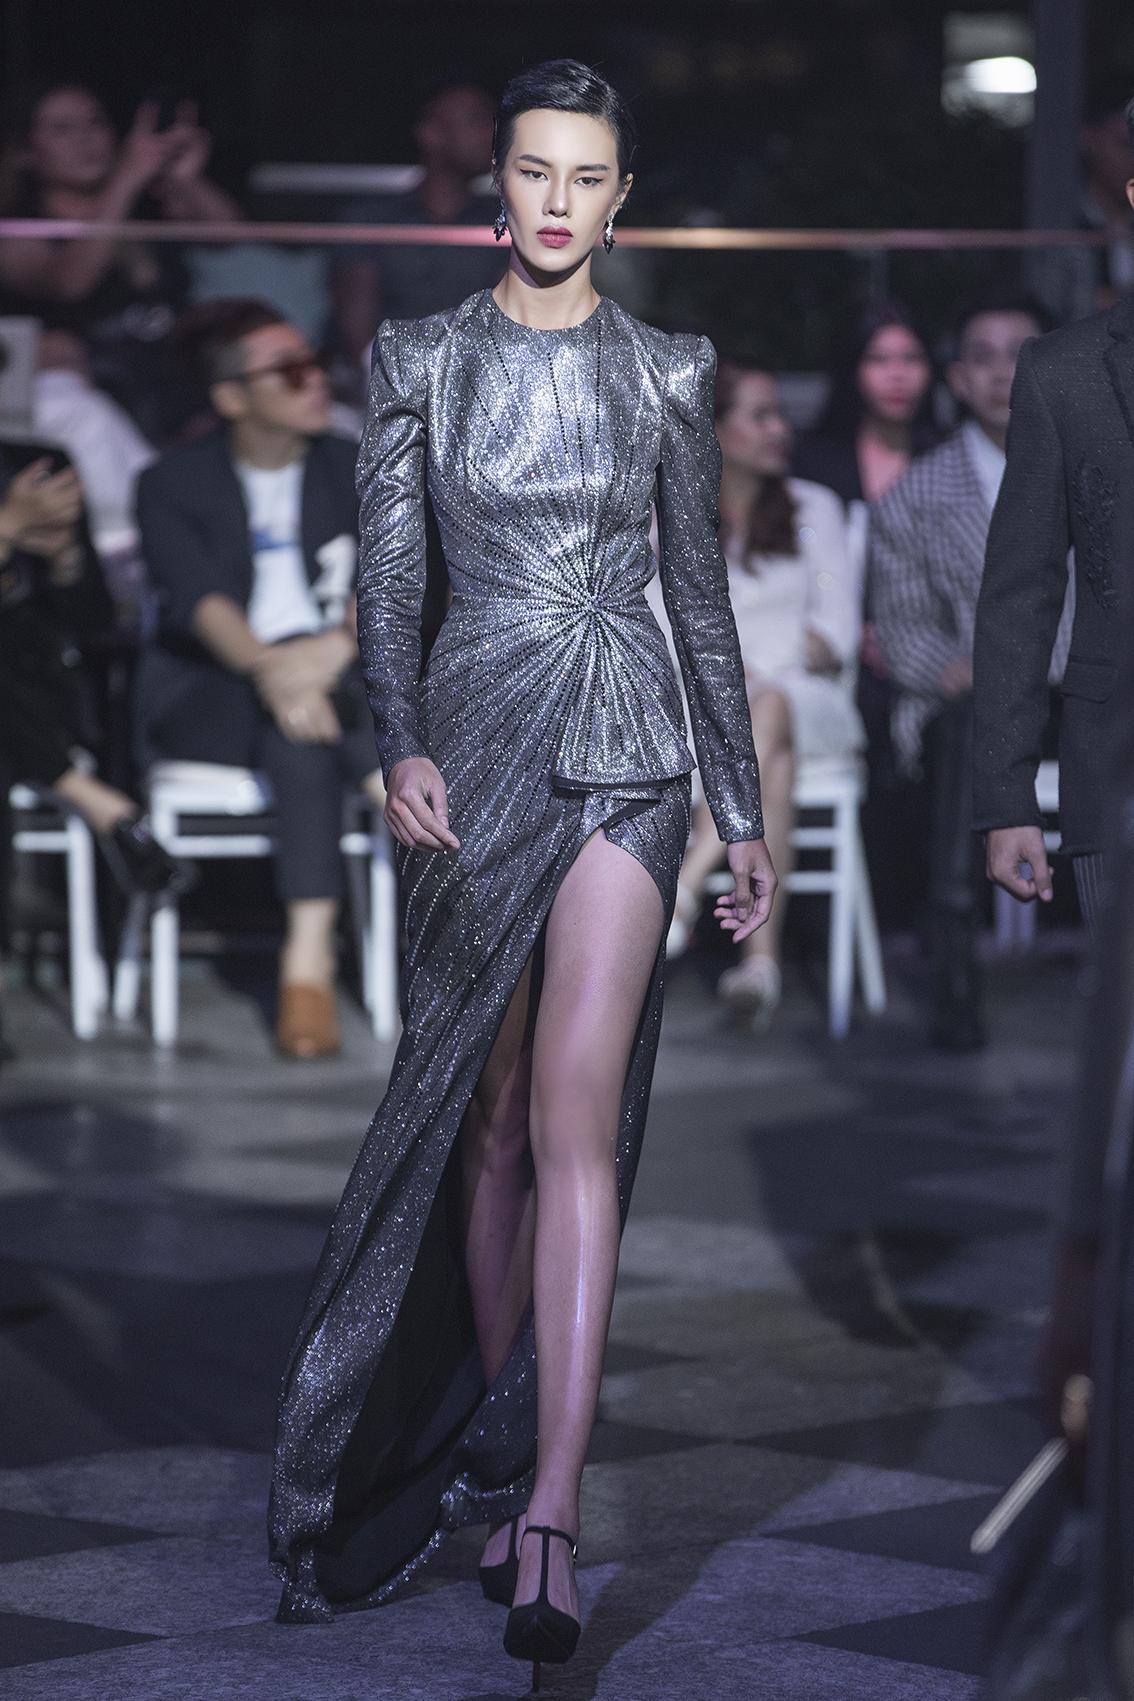 Đầm ánh bạc sang trọng trong màn 3 của đêm diễn